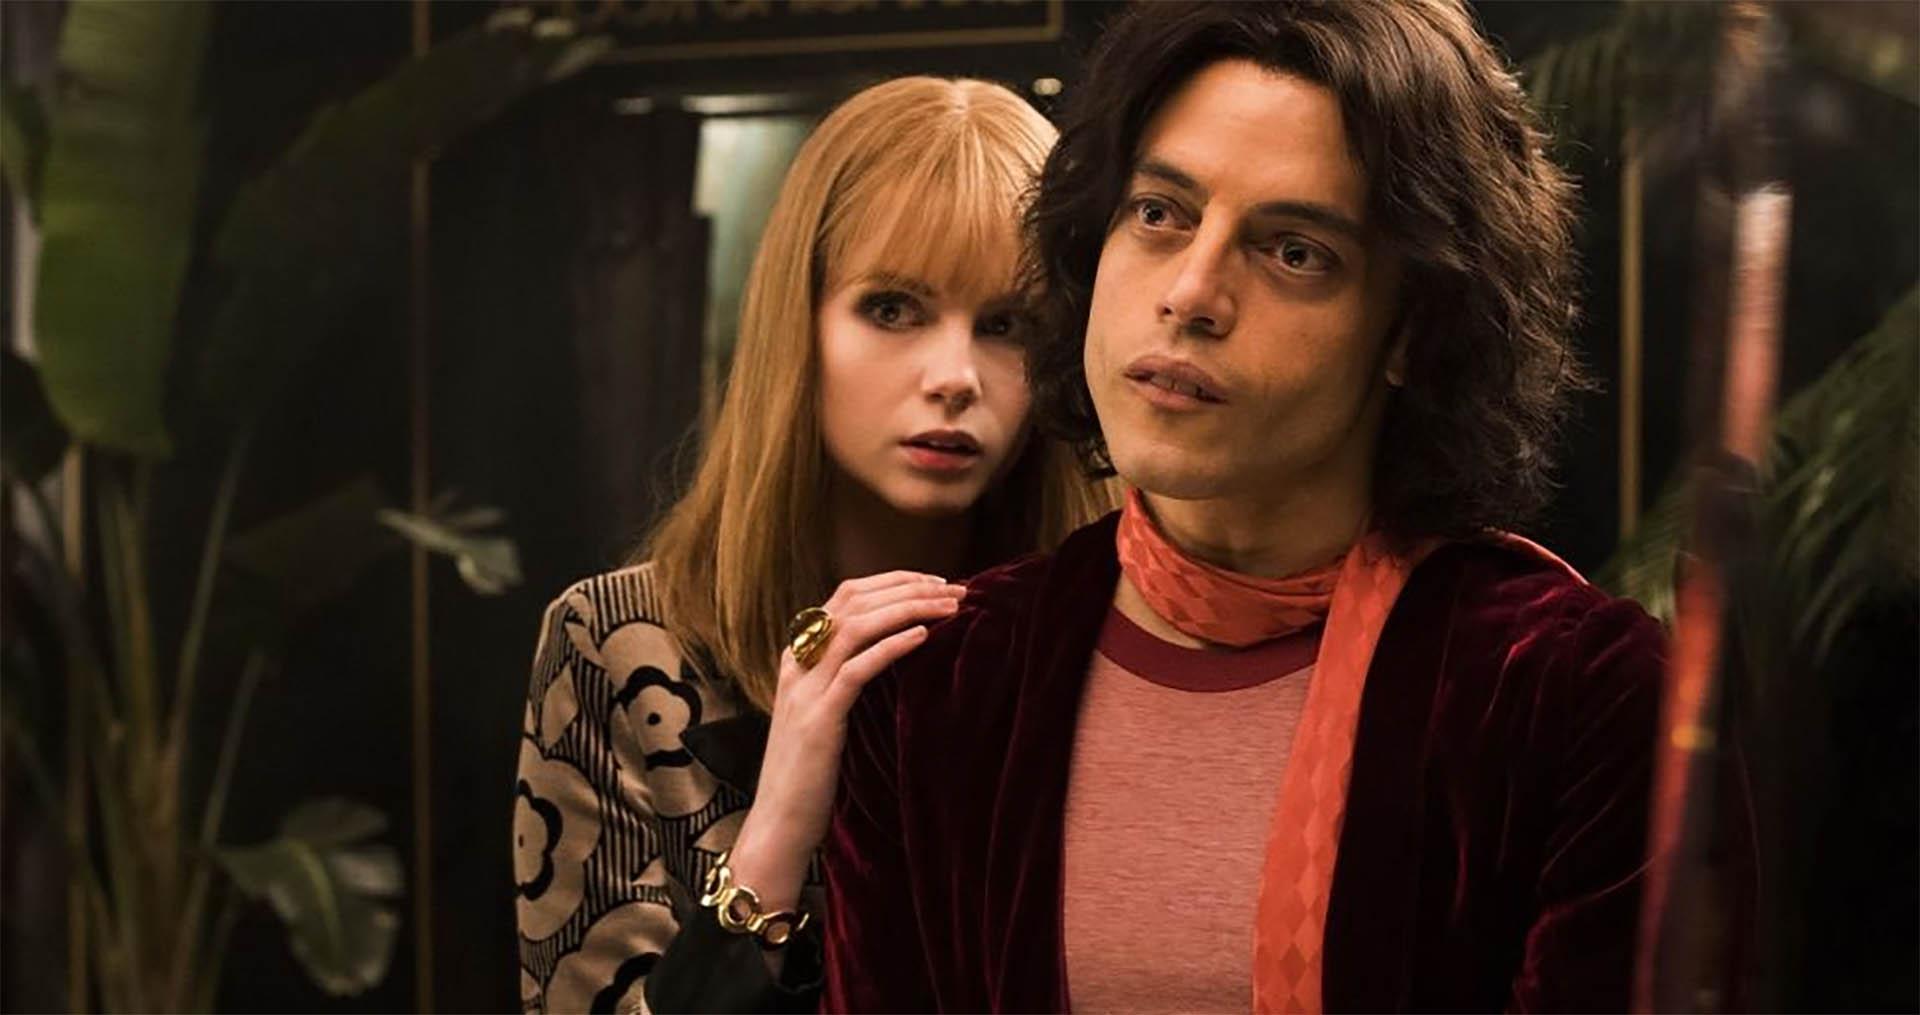 La actriz Lucy Boynton interpreta a Mary, quien fue pareja del cantante durante varios años